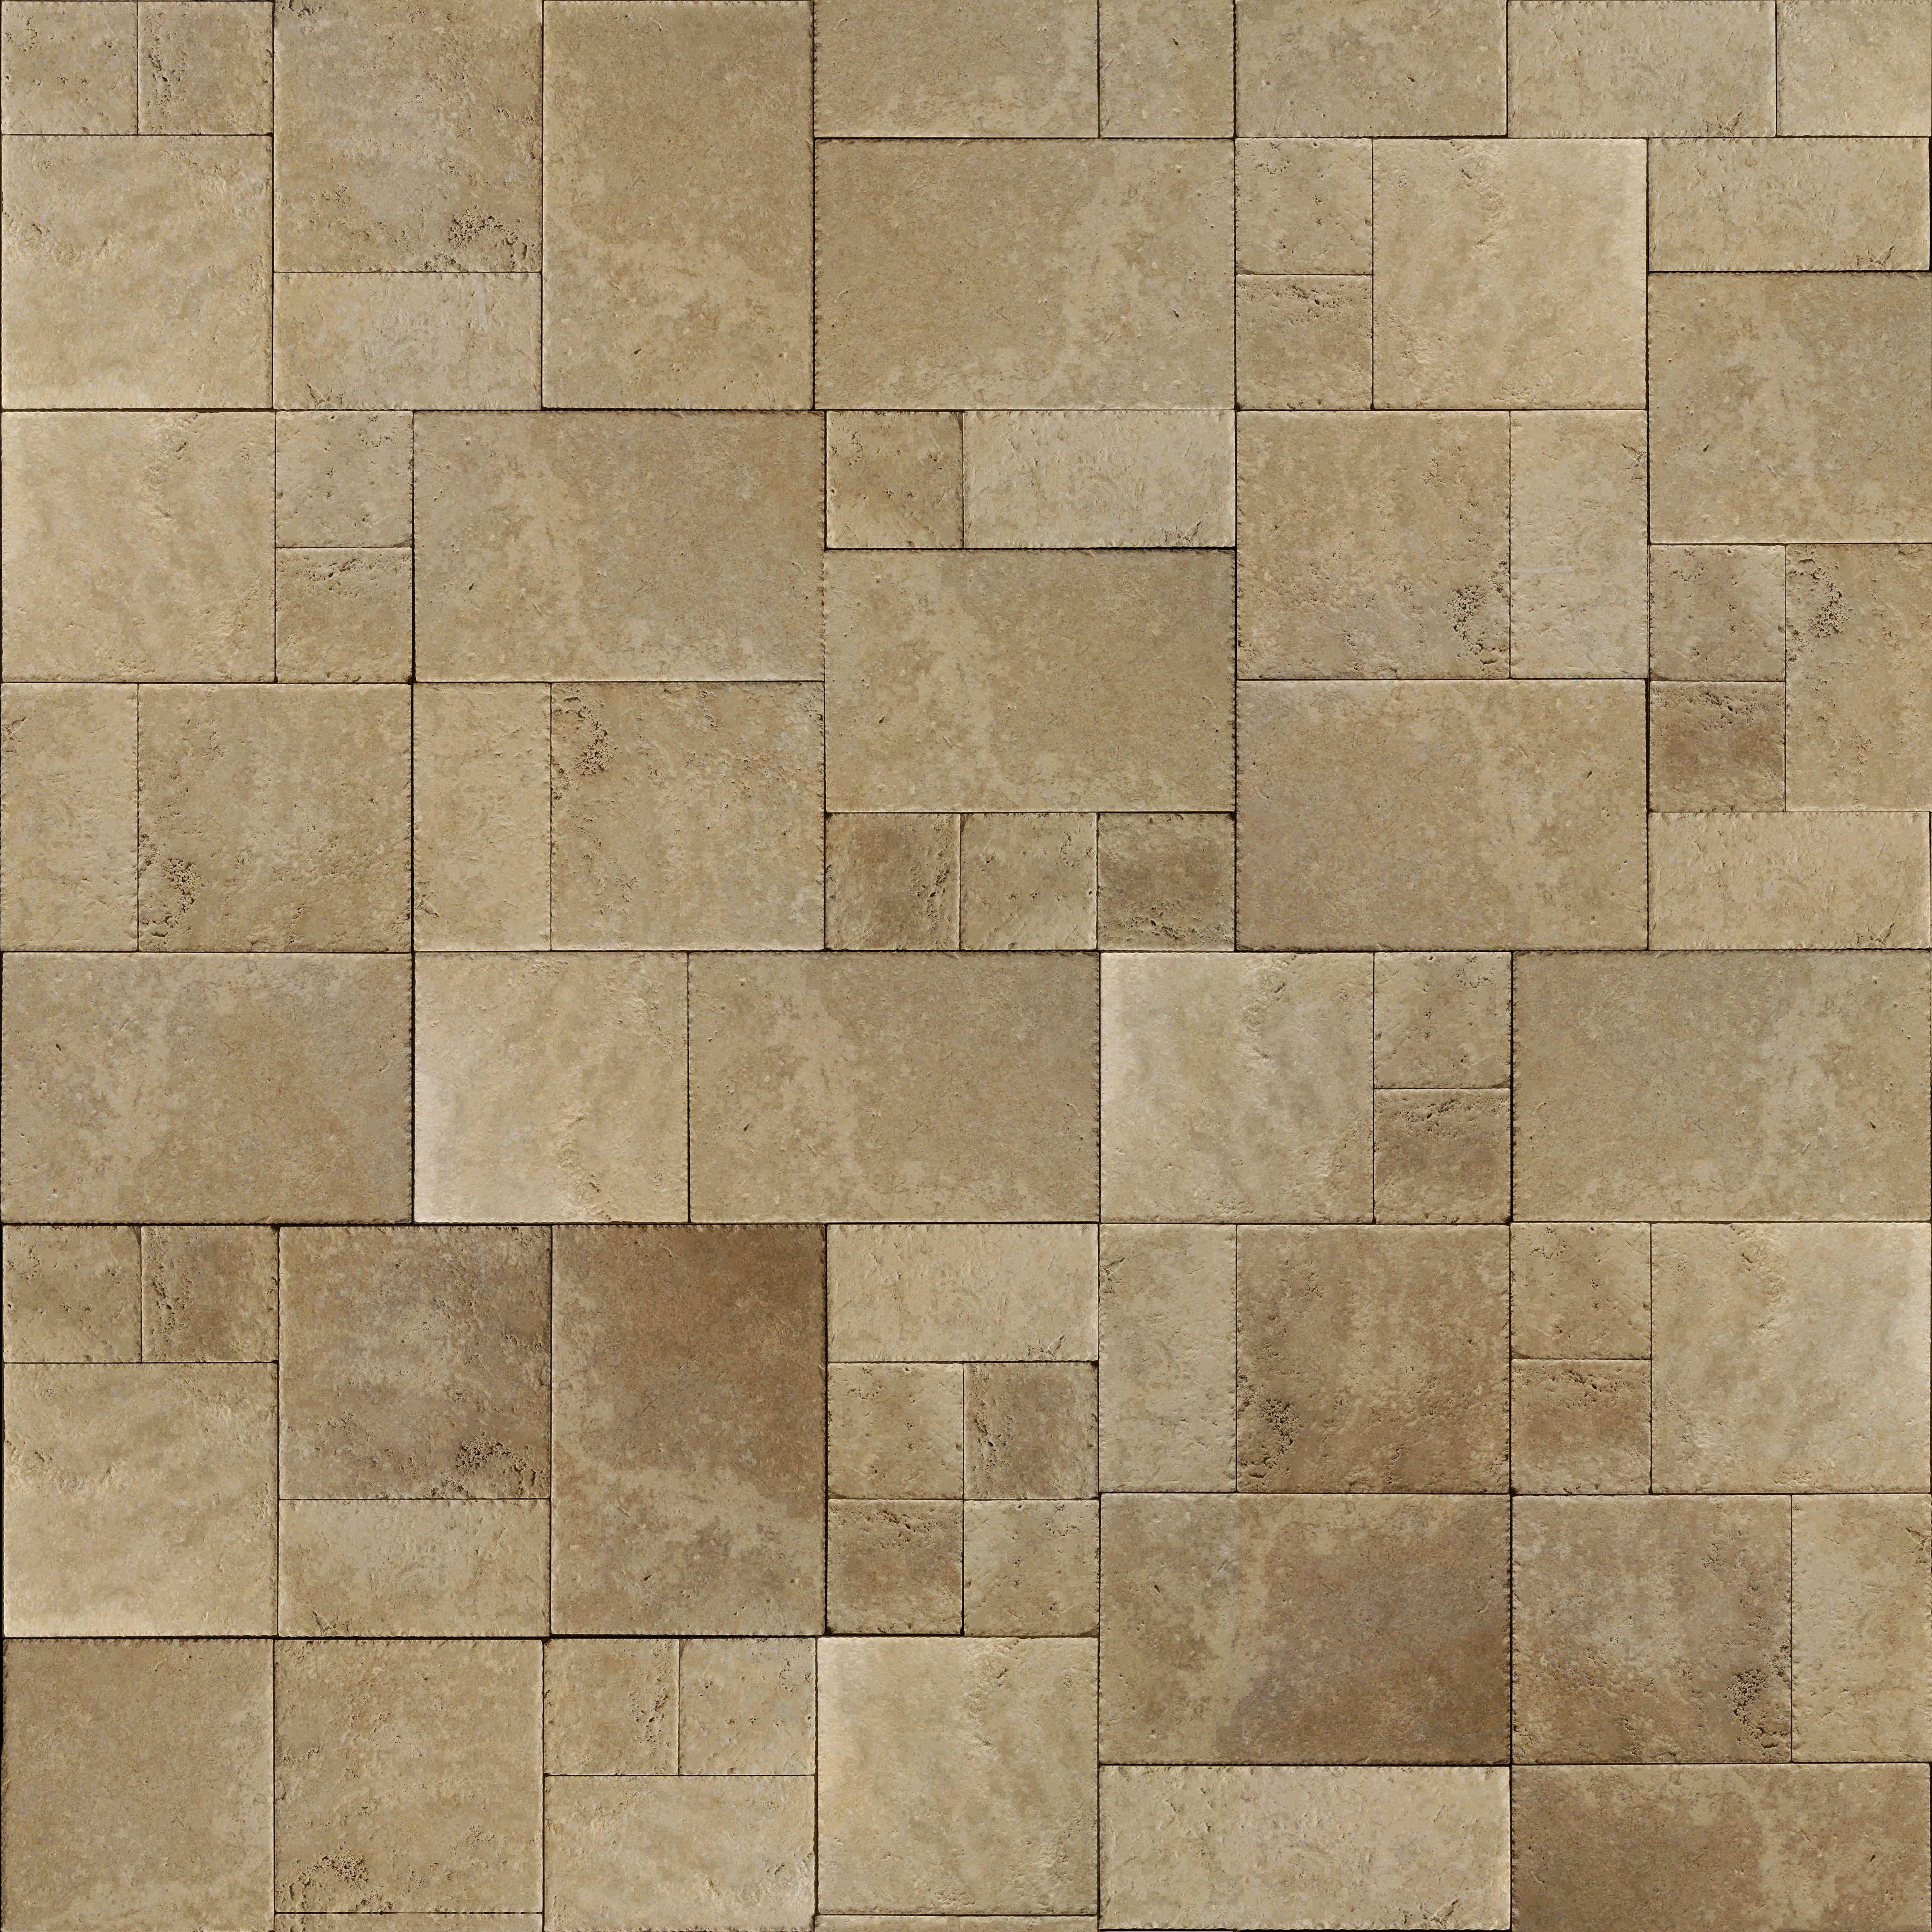 Tiles Texture Wall Ipbbtoic 외장재, 벽돌, 타일